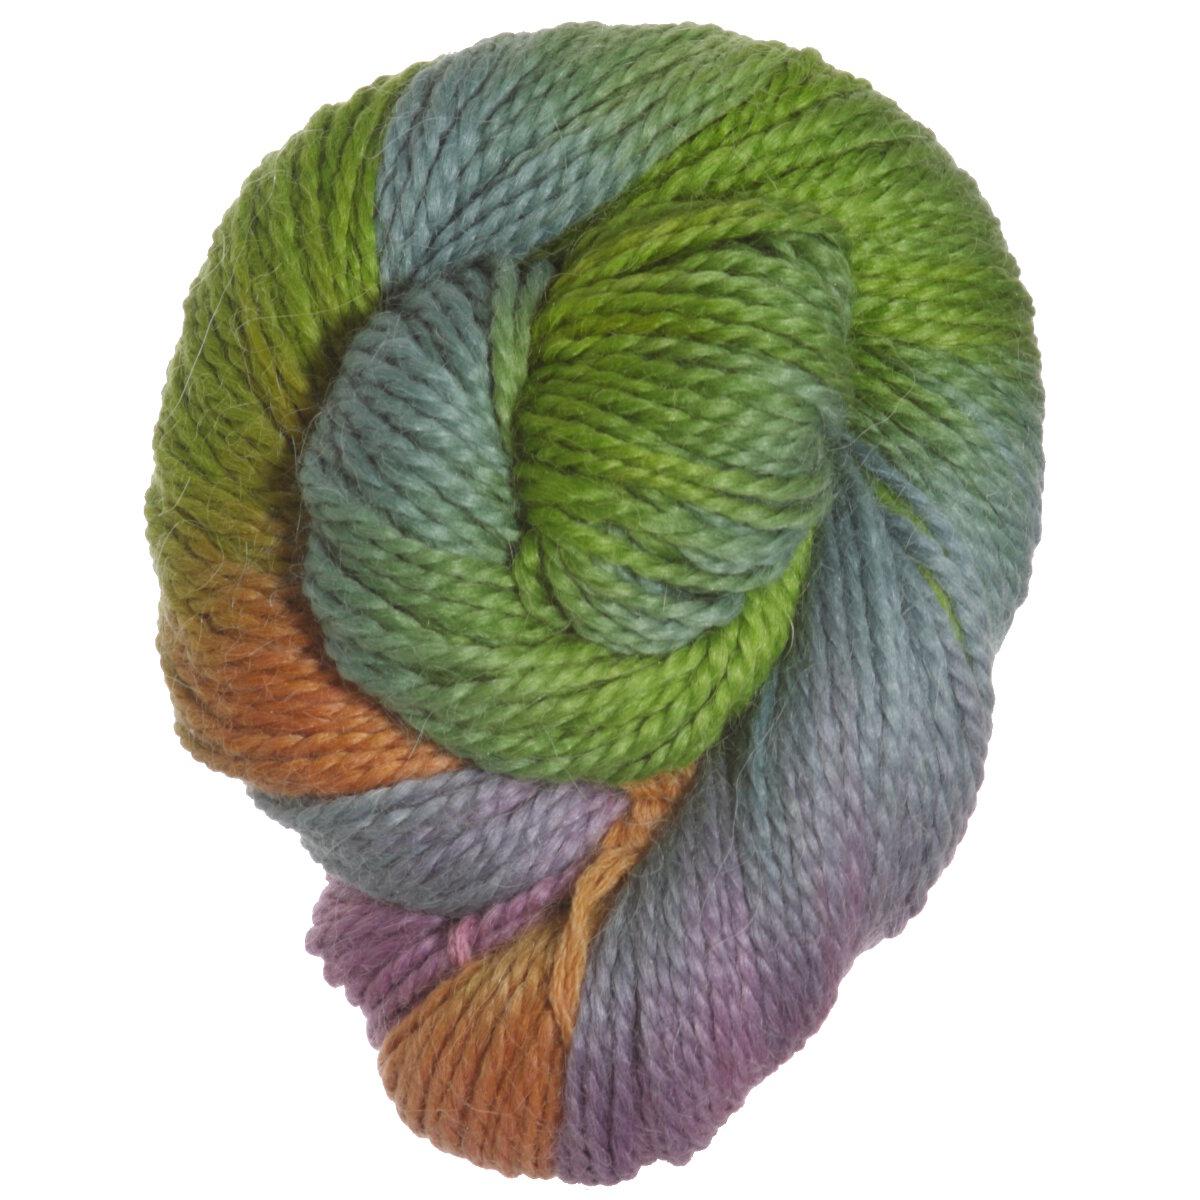 Aran Yarn : Rowan Fine Art Aran Yarn - 546 Rumba at Jimmy Beans Wool